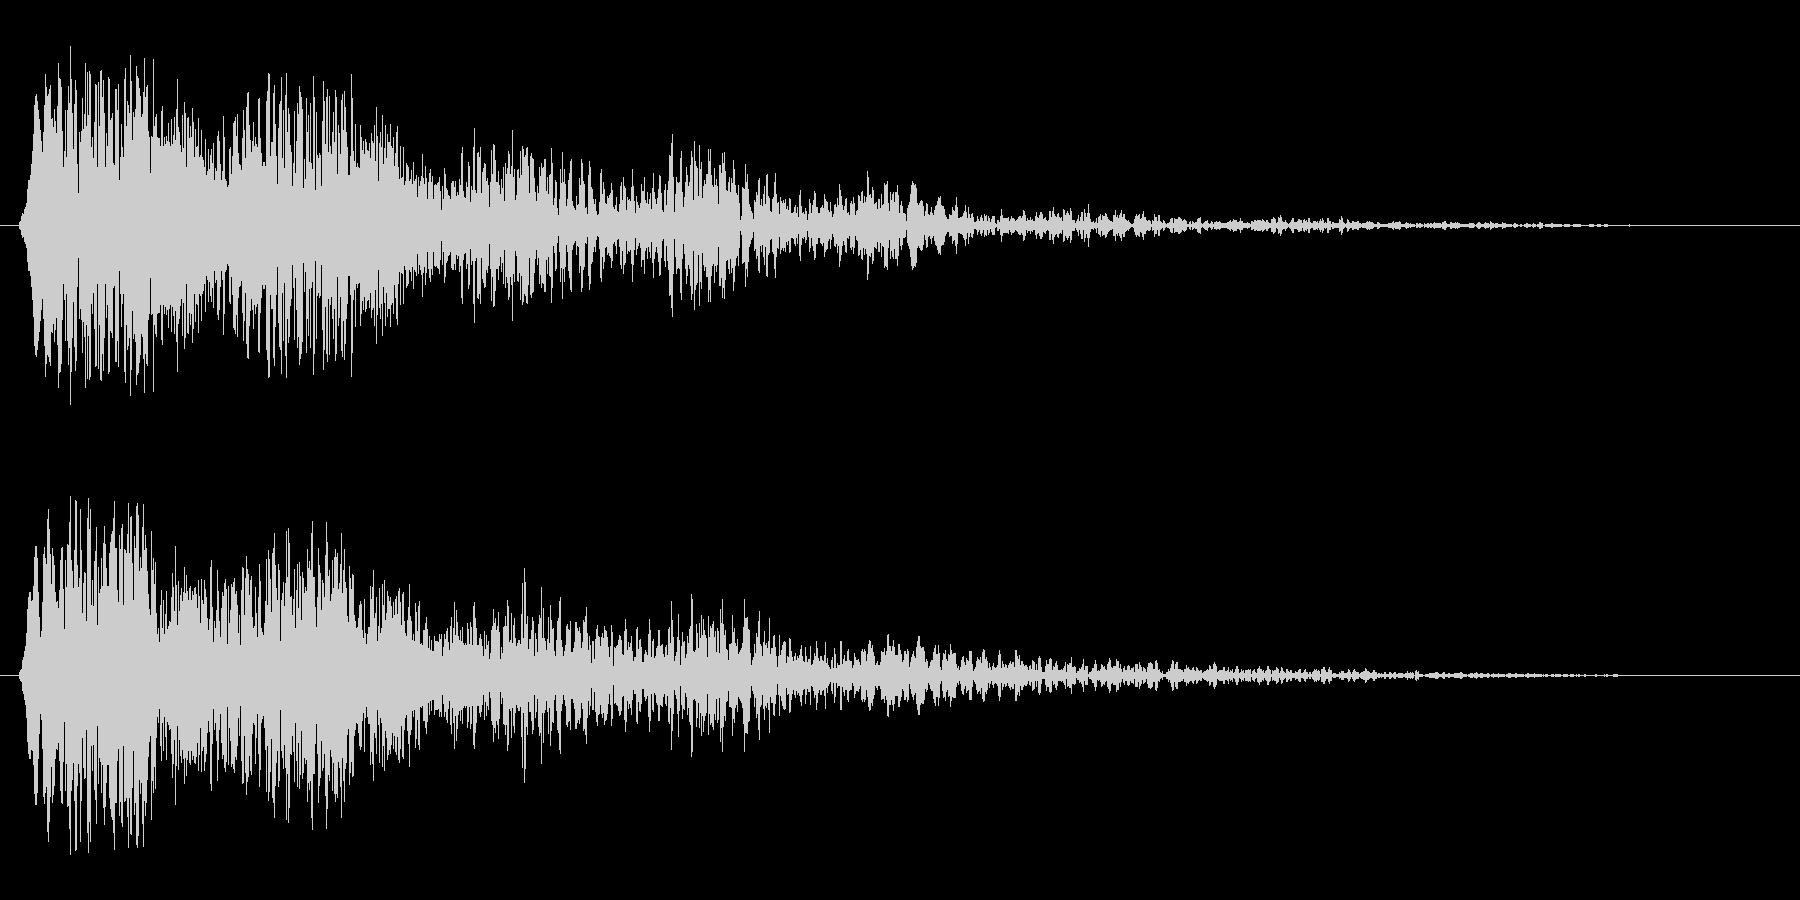 レーザービーム発射(ピピューン)の未再生の波形